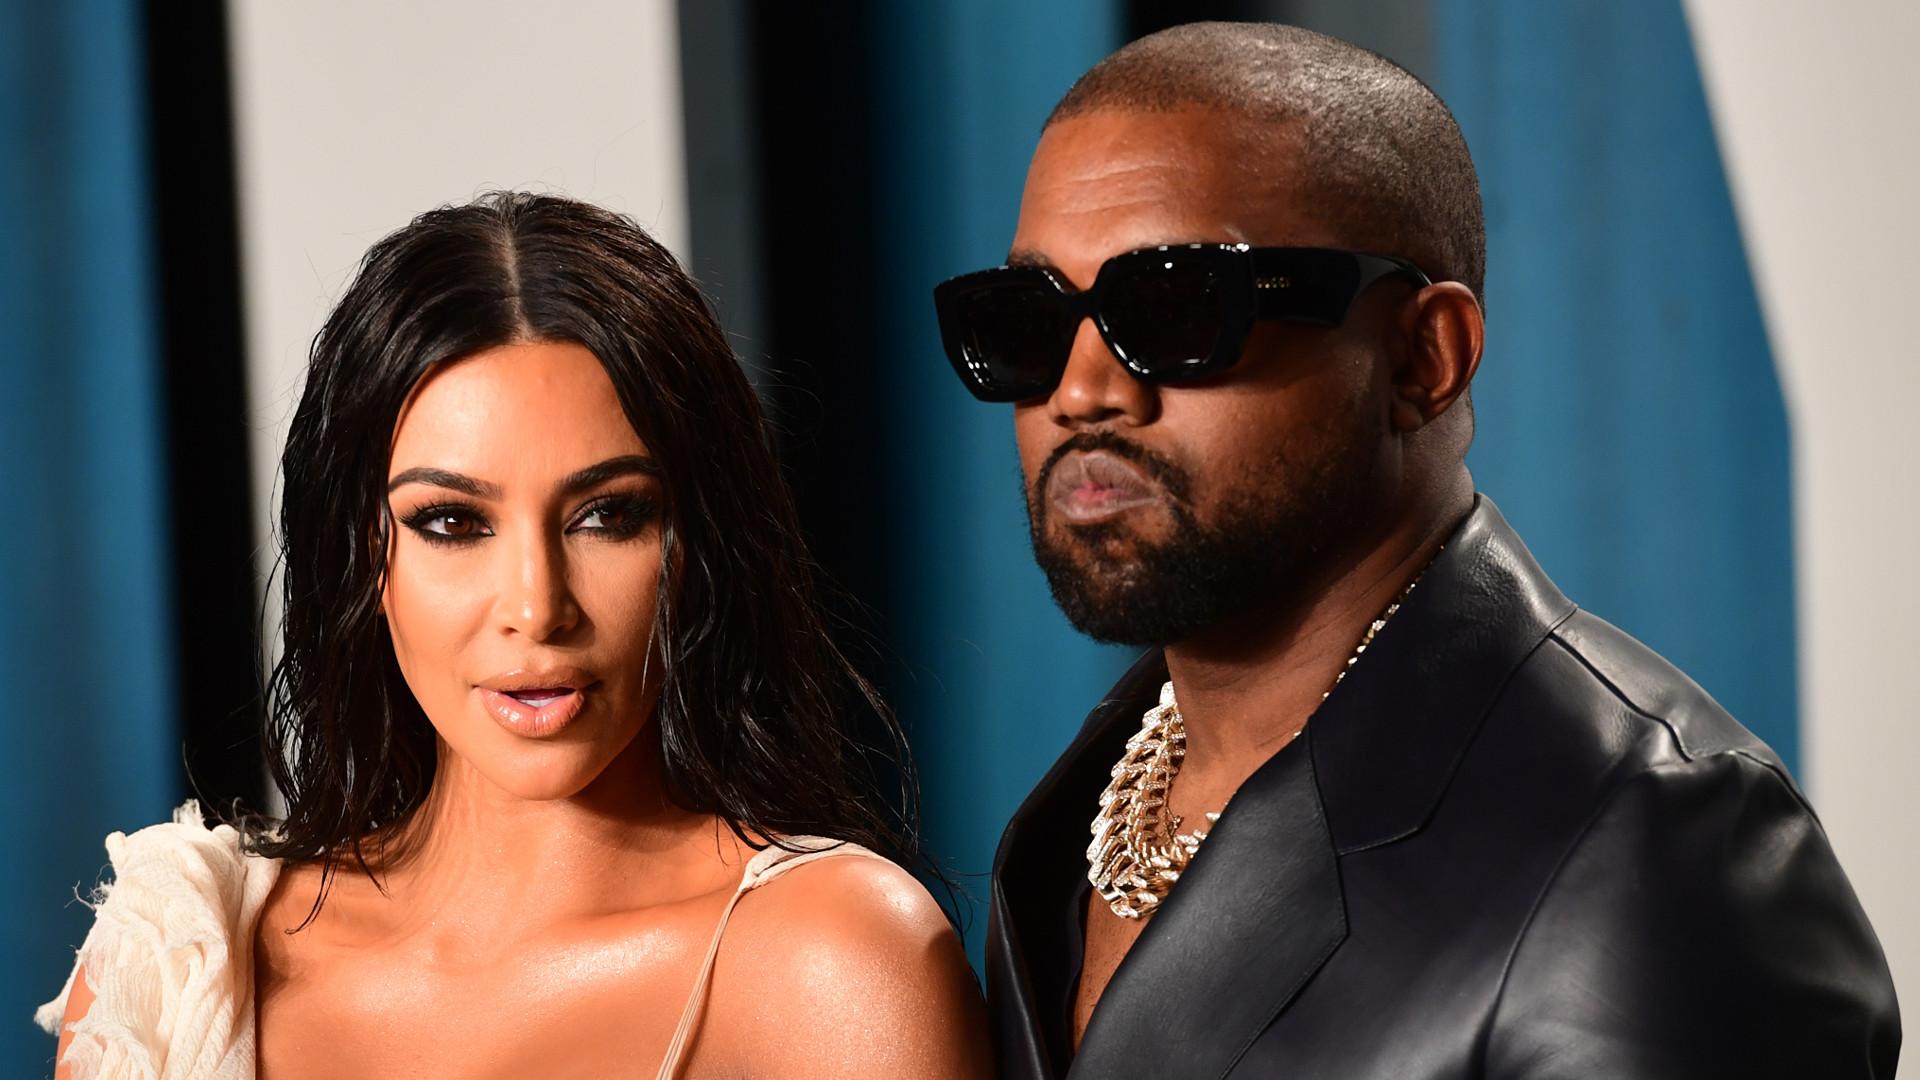 O co chodzi?! Kim Kardashian pojawiła się w sukni ŚLUBNEJ na evencie Kanye Westa